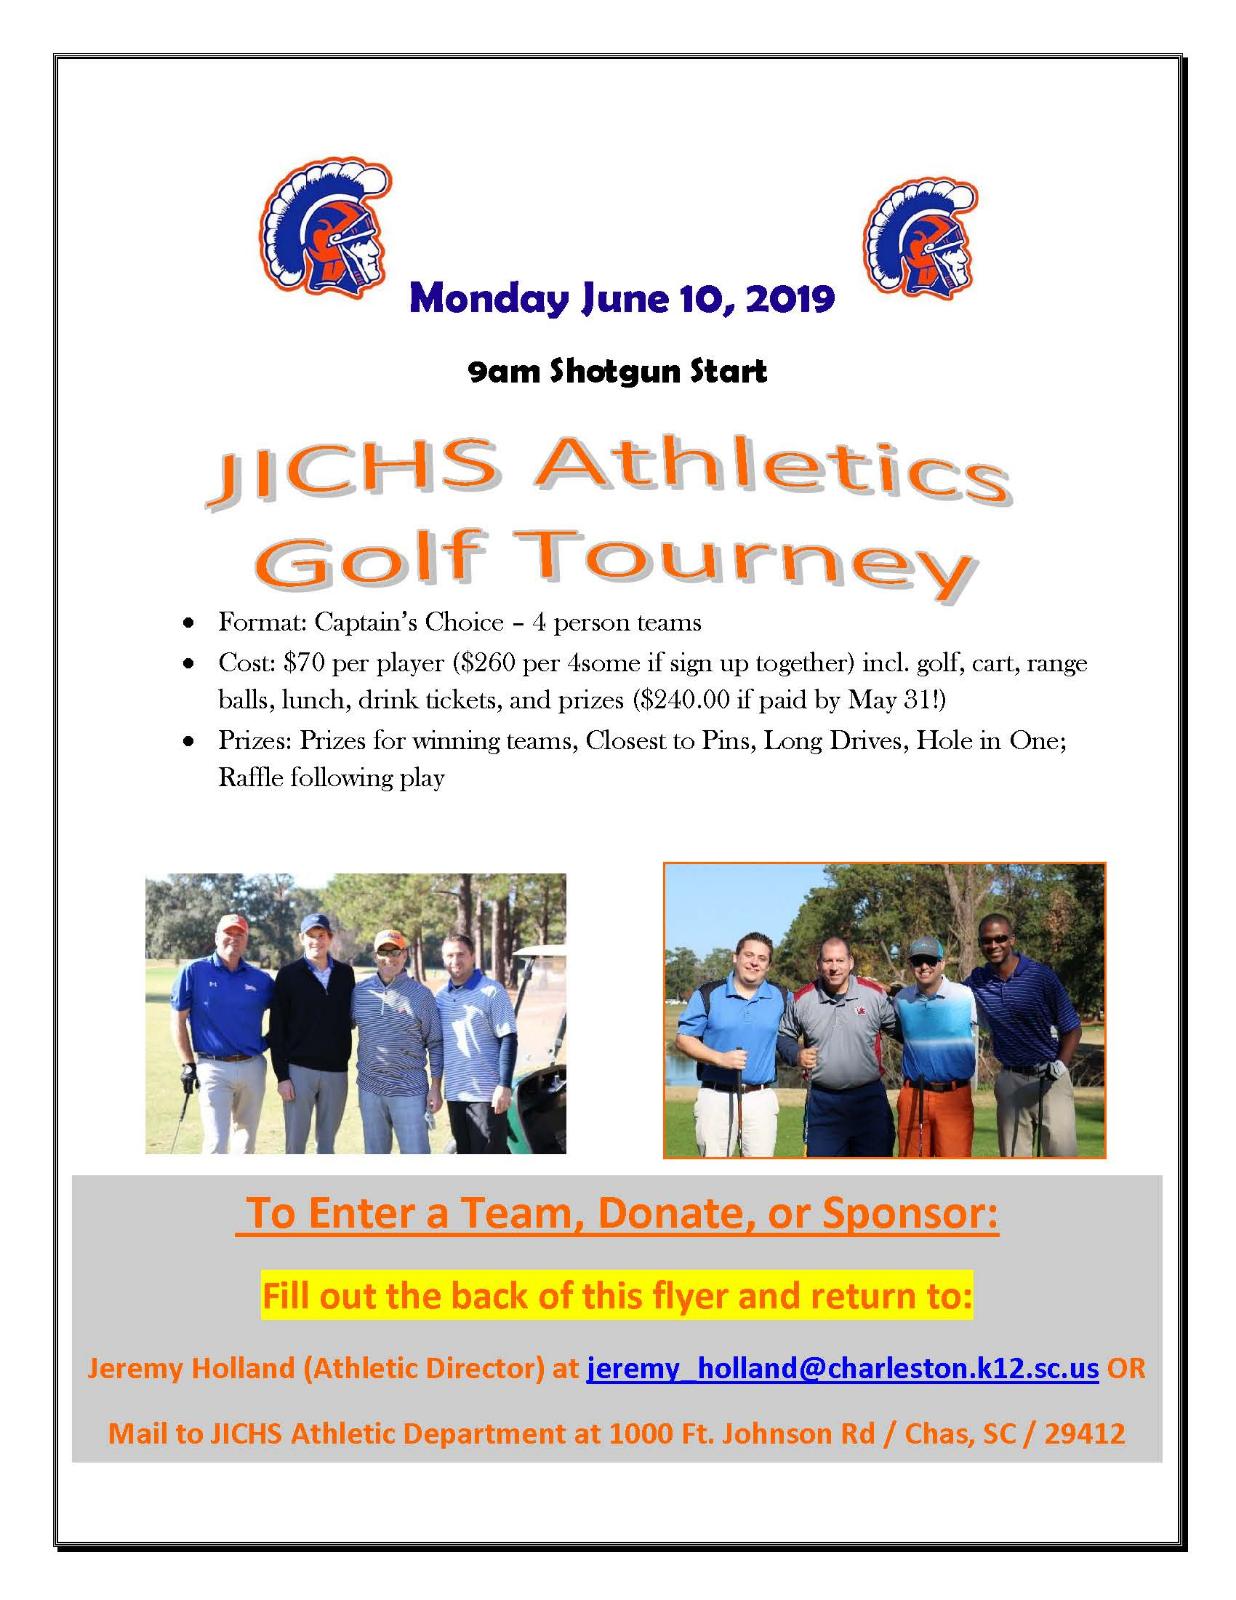 JICHS Athletics Golf Tourney Information